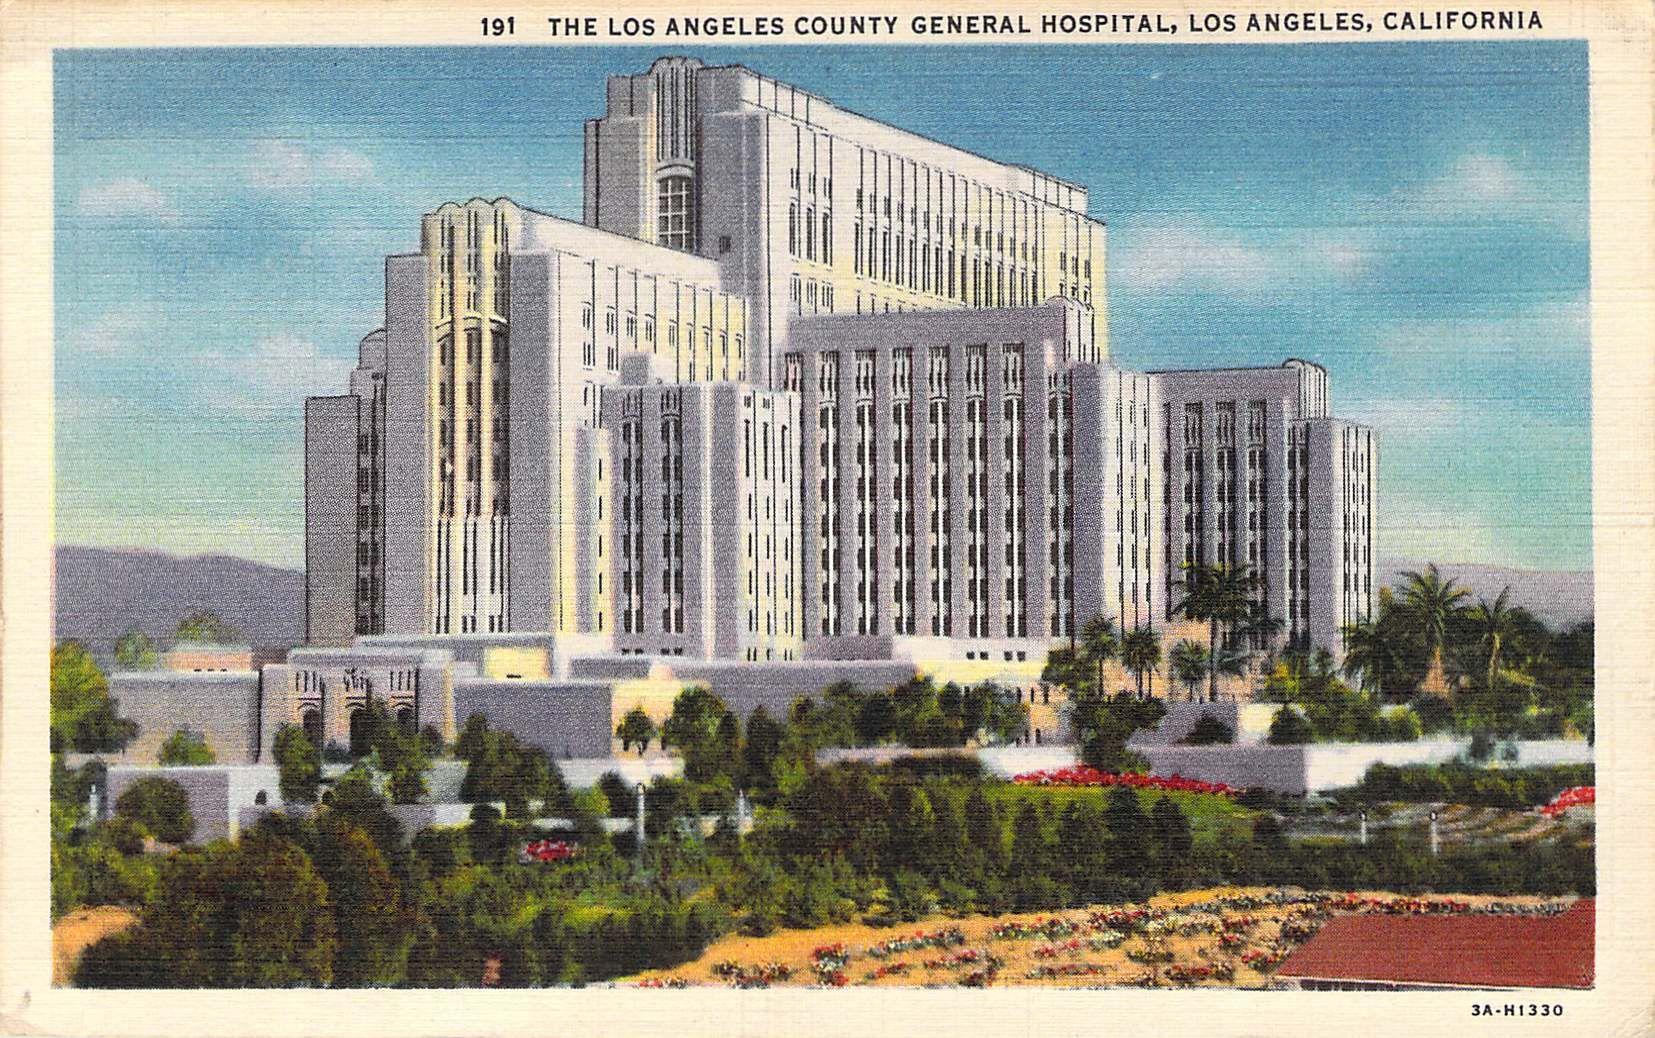 Los Angeles County General Hospital Los Angeles Ca County Hospital General Hospital Los Angeles